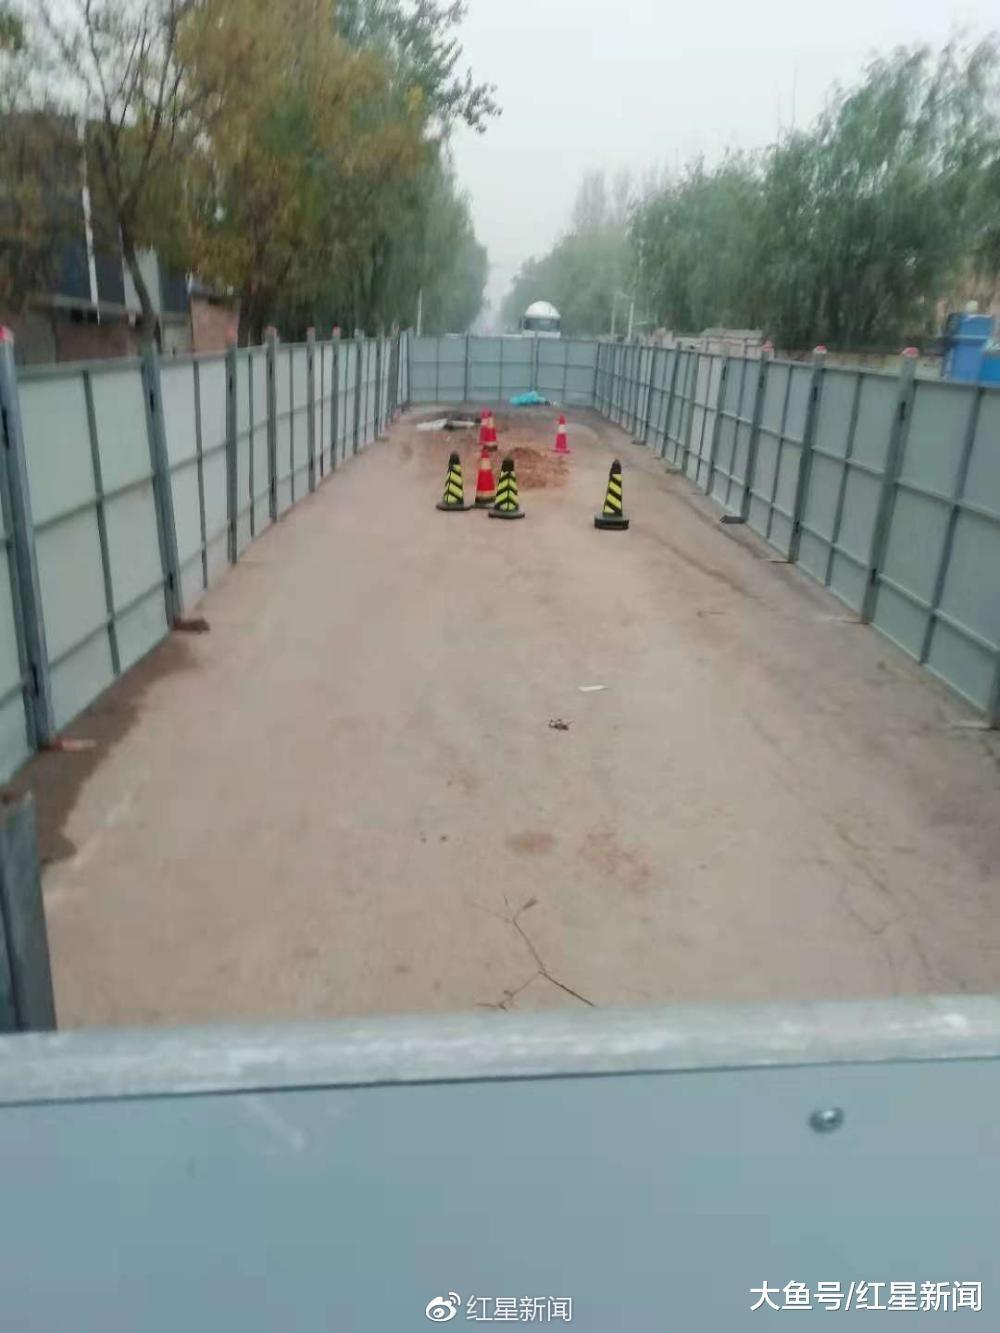 西安纺渭路重大交通事故丨市政部门几天前曾维护事发路段却没补那个坑